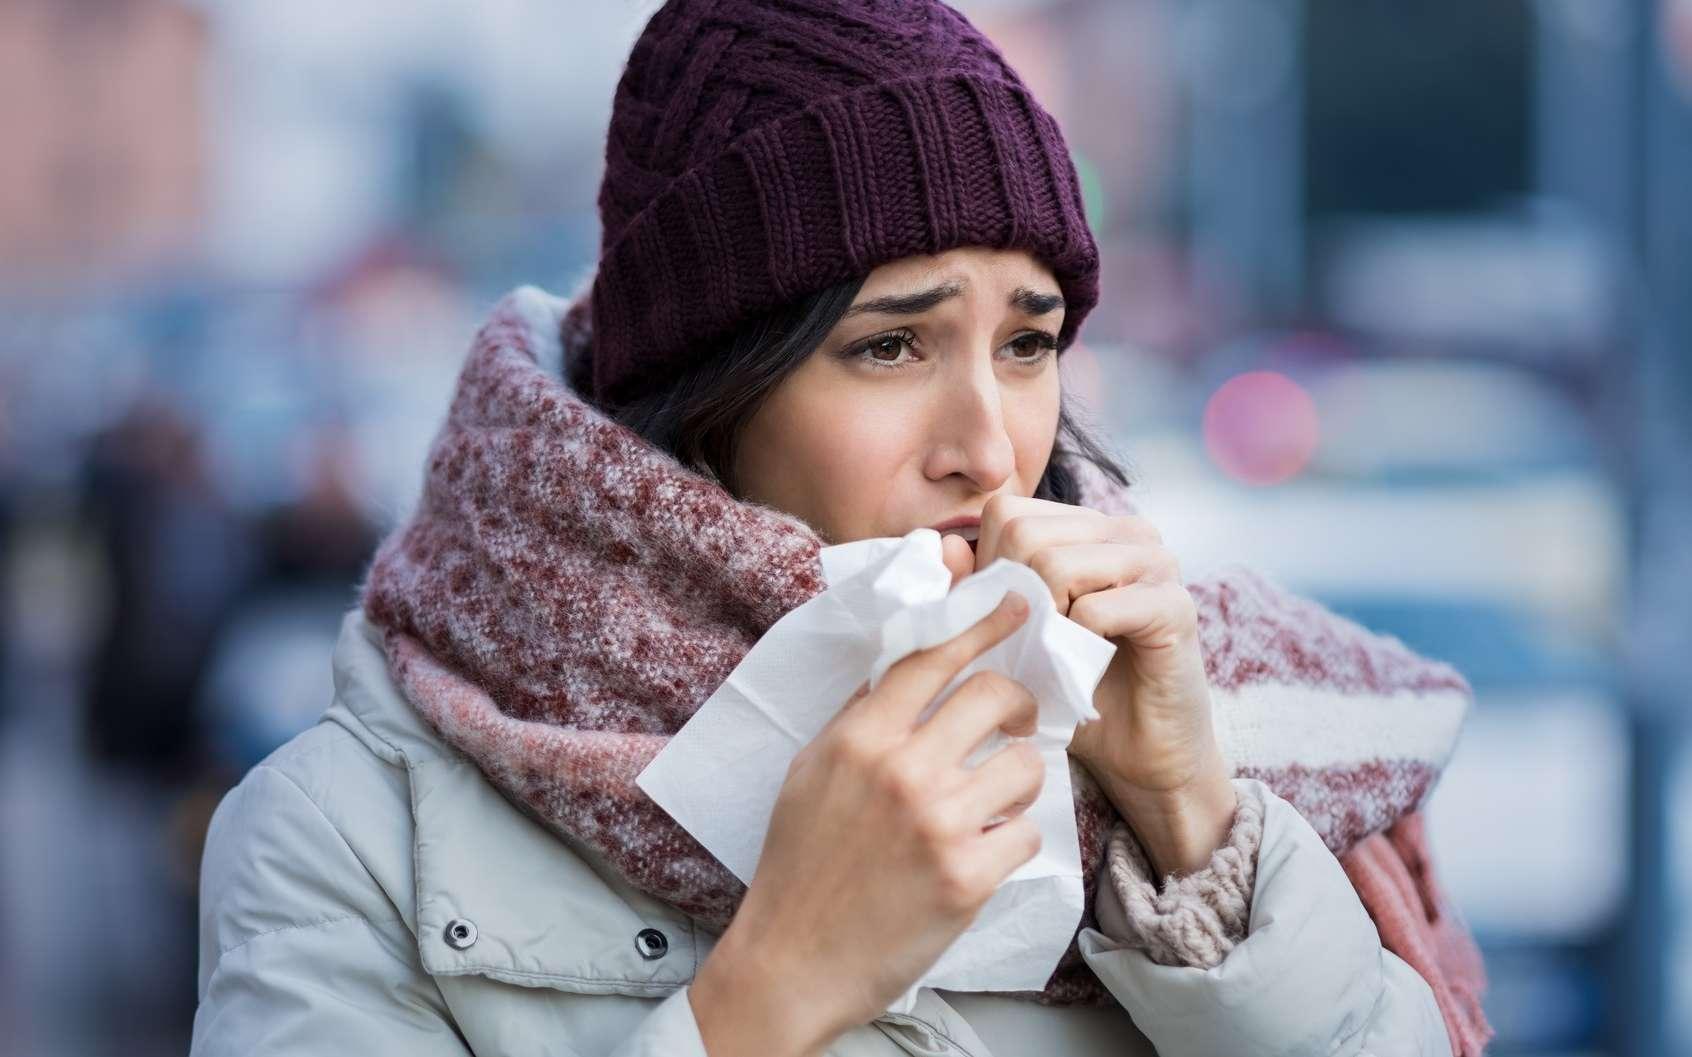 Pour savoir si un patient a la grippe, le CHU de Grenoble prévoit d'utiliser un test qui donne un résultat en 20 minutes. © Rido, Fotolia